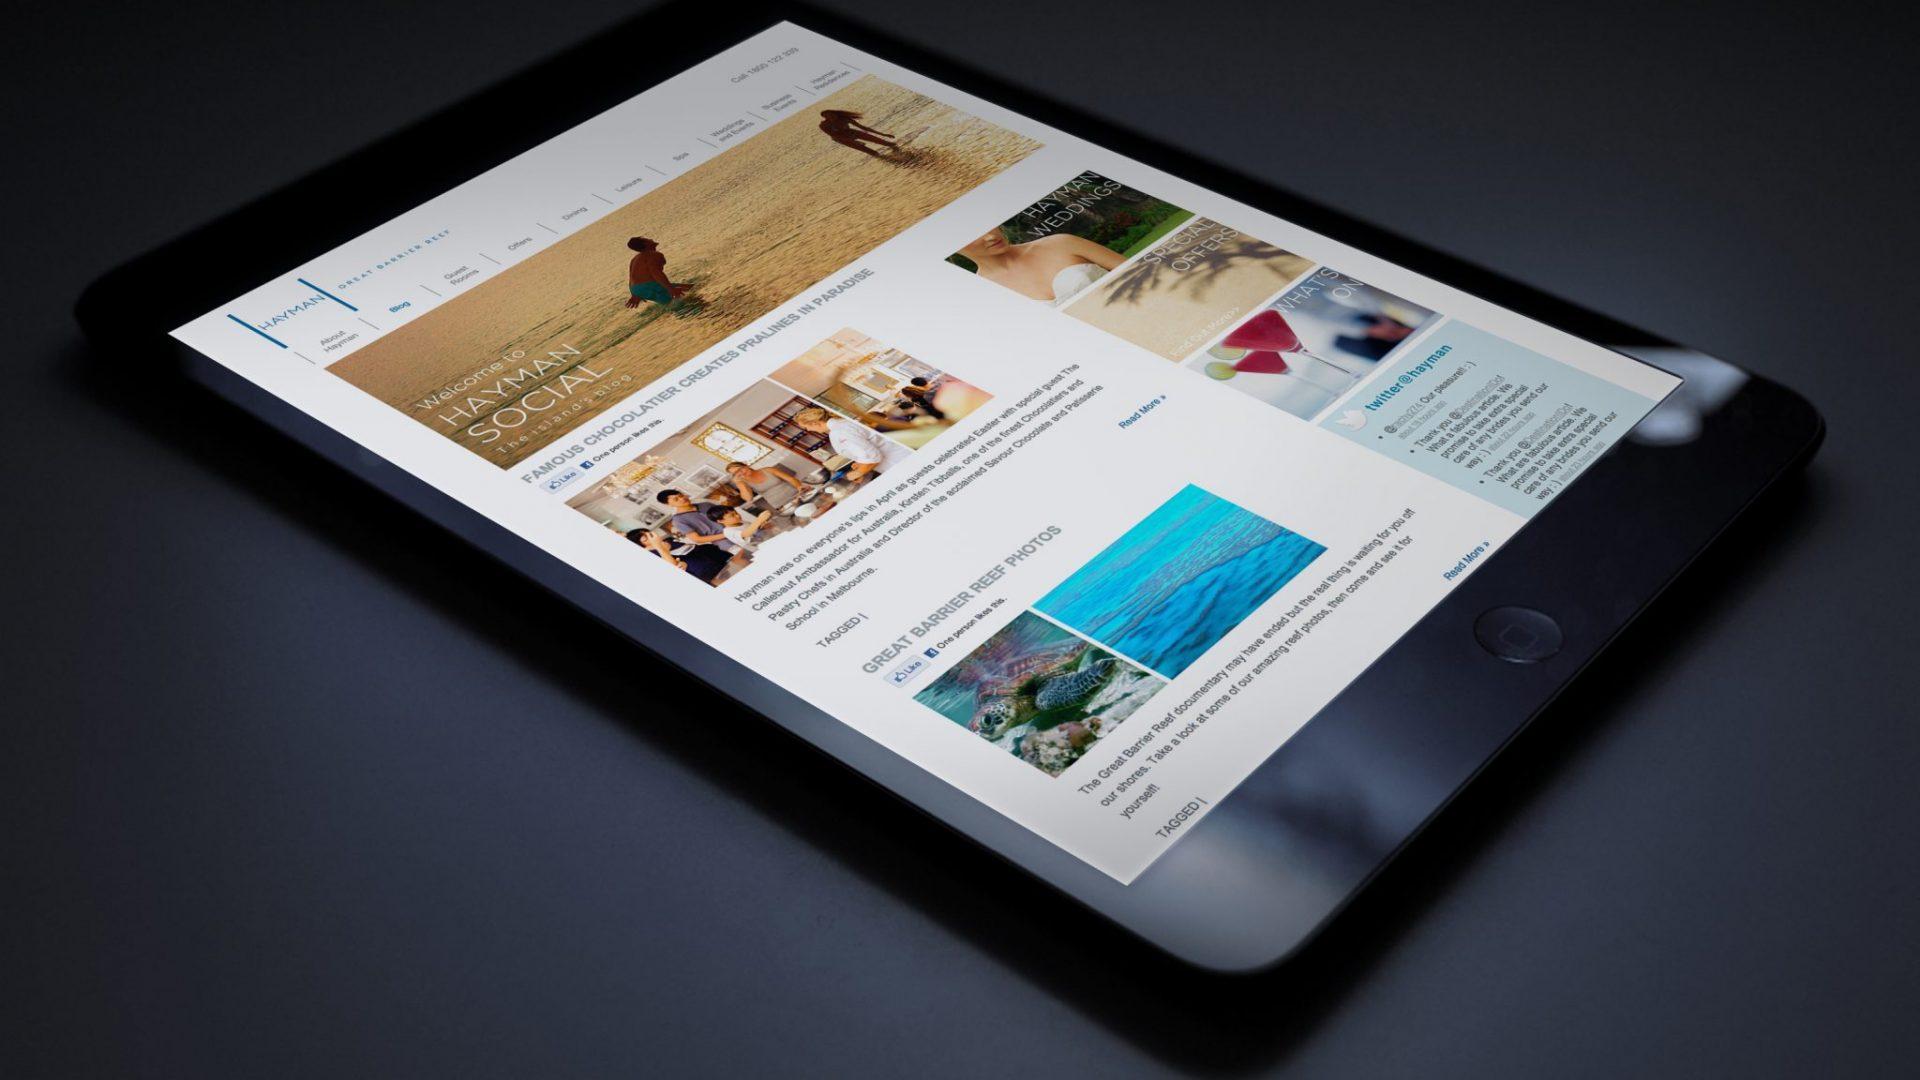 Hayman_iPad1